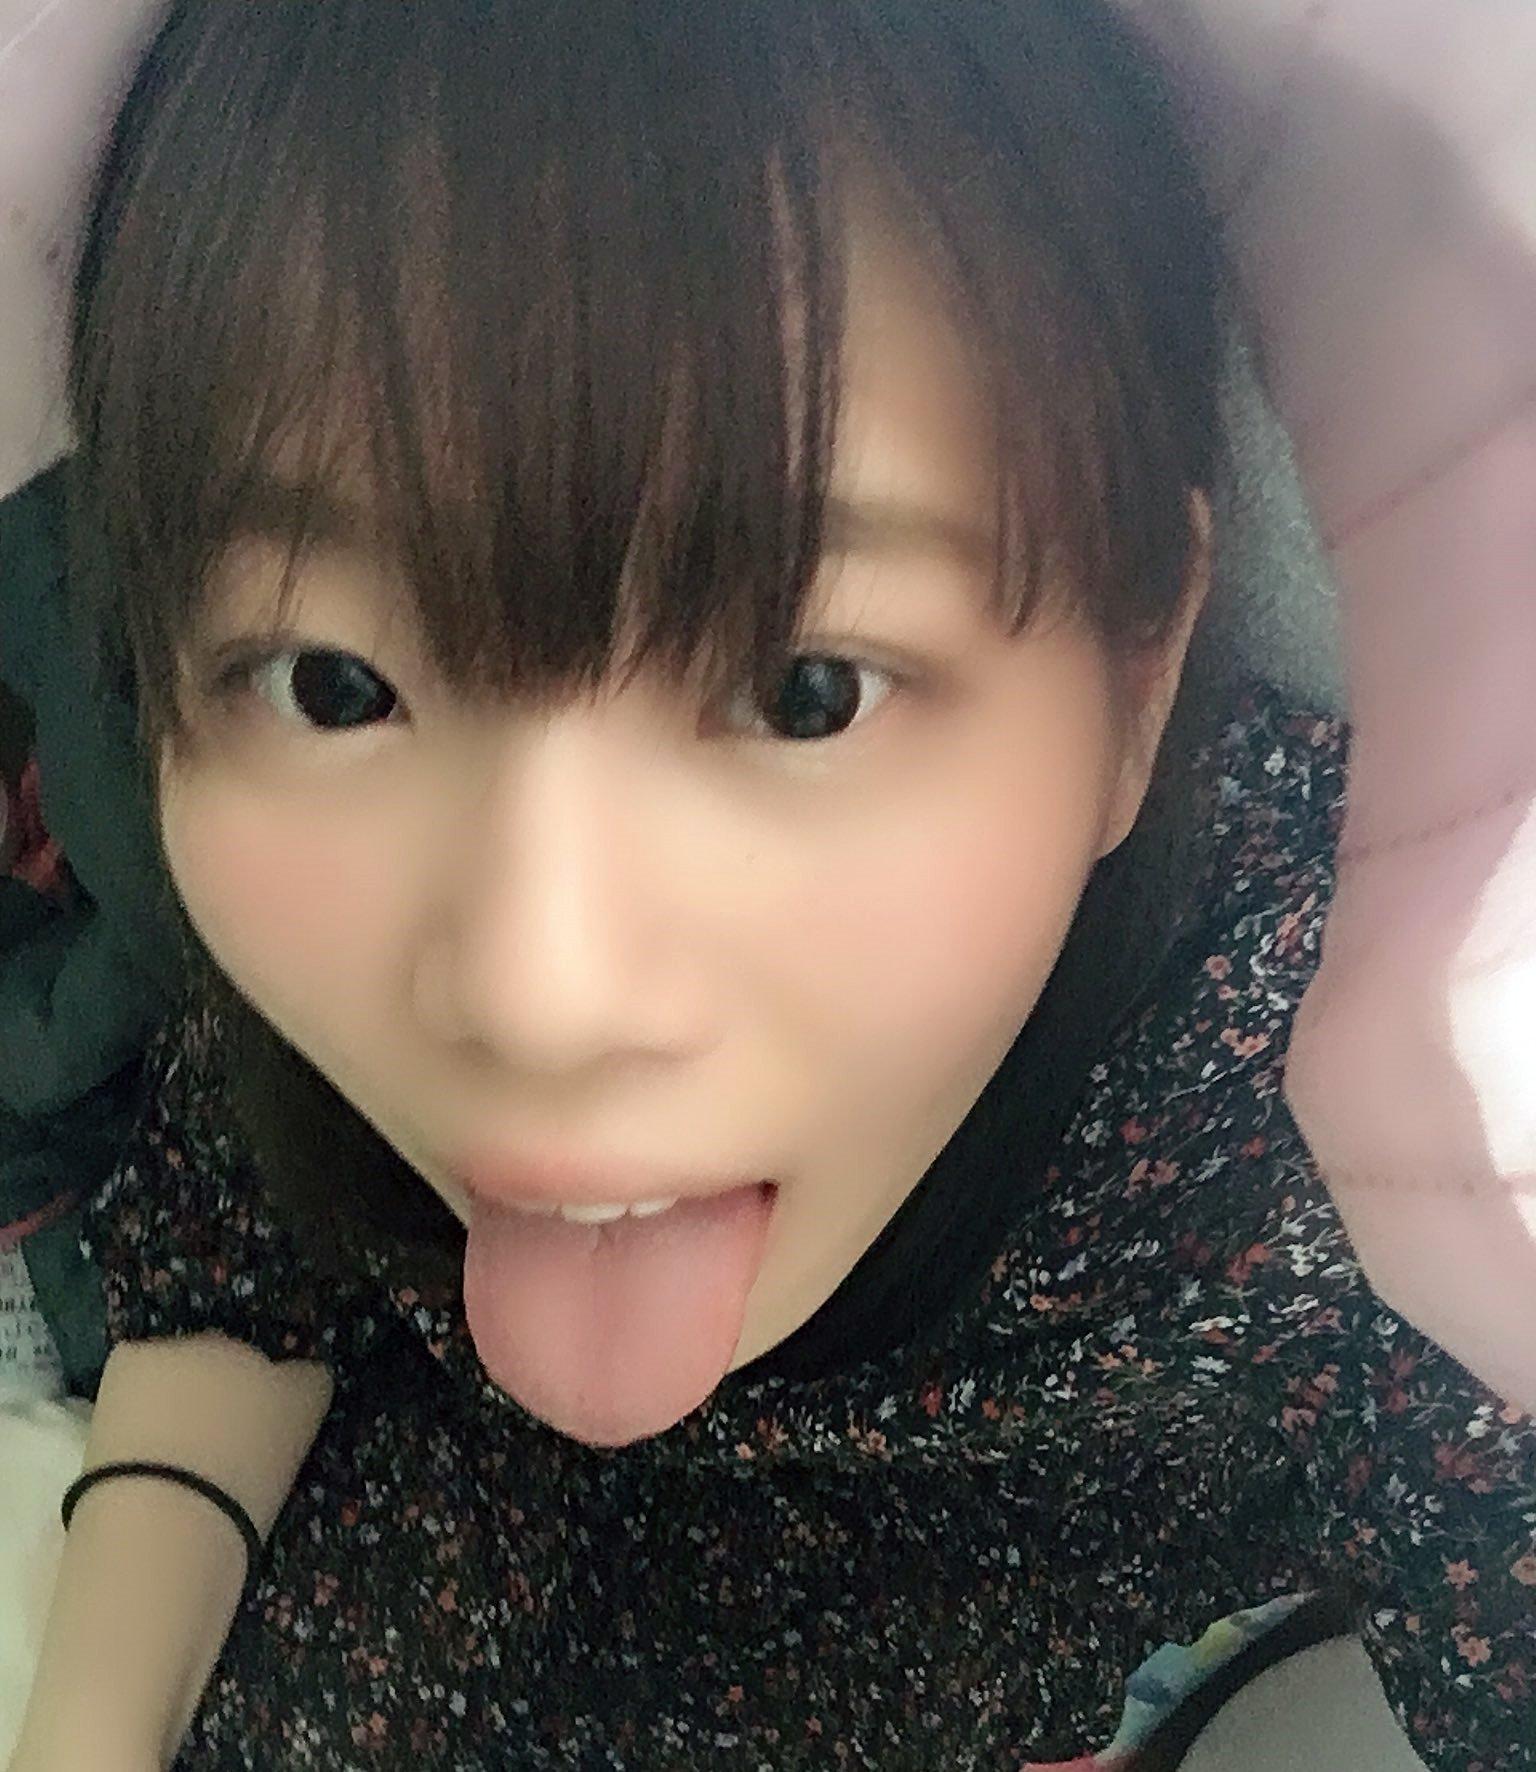 苫小牧デリ嬢の長デカ舌 (5)